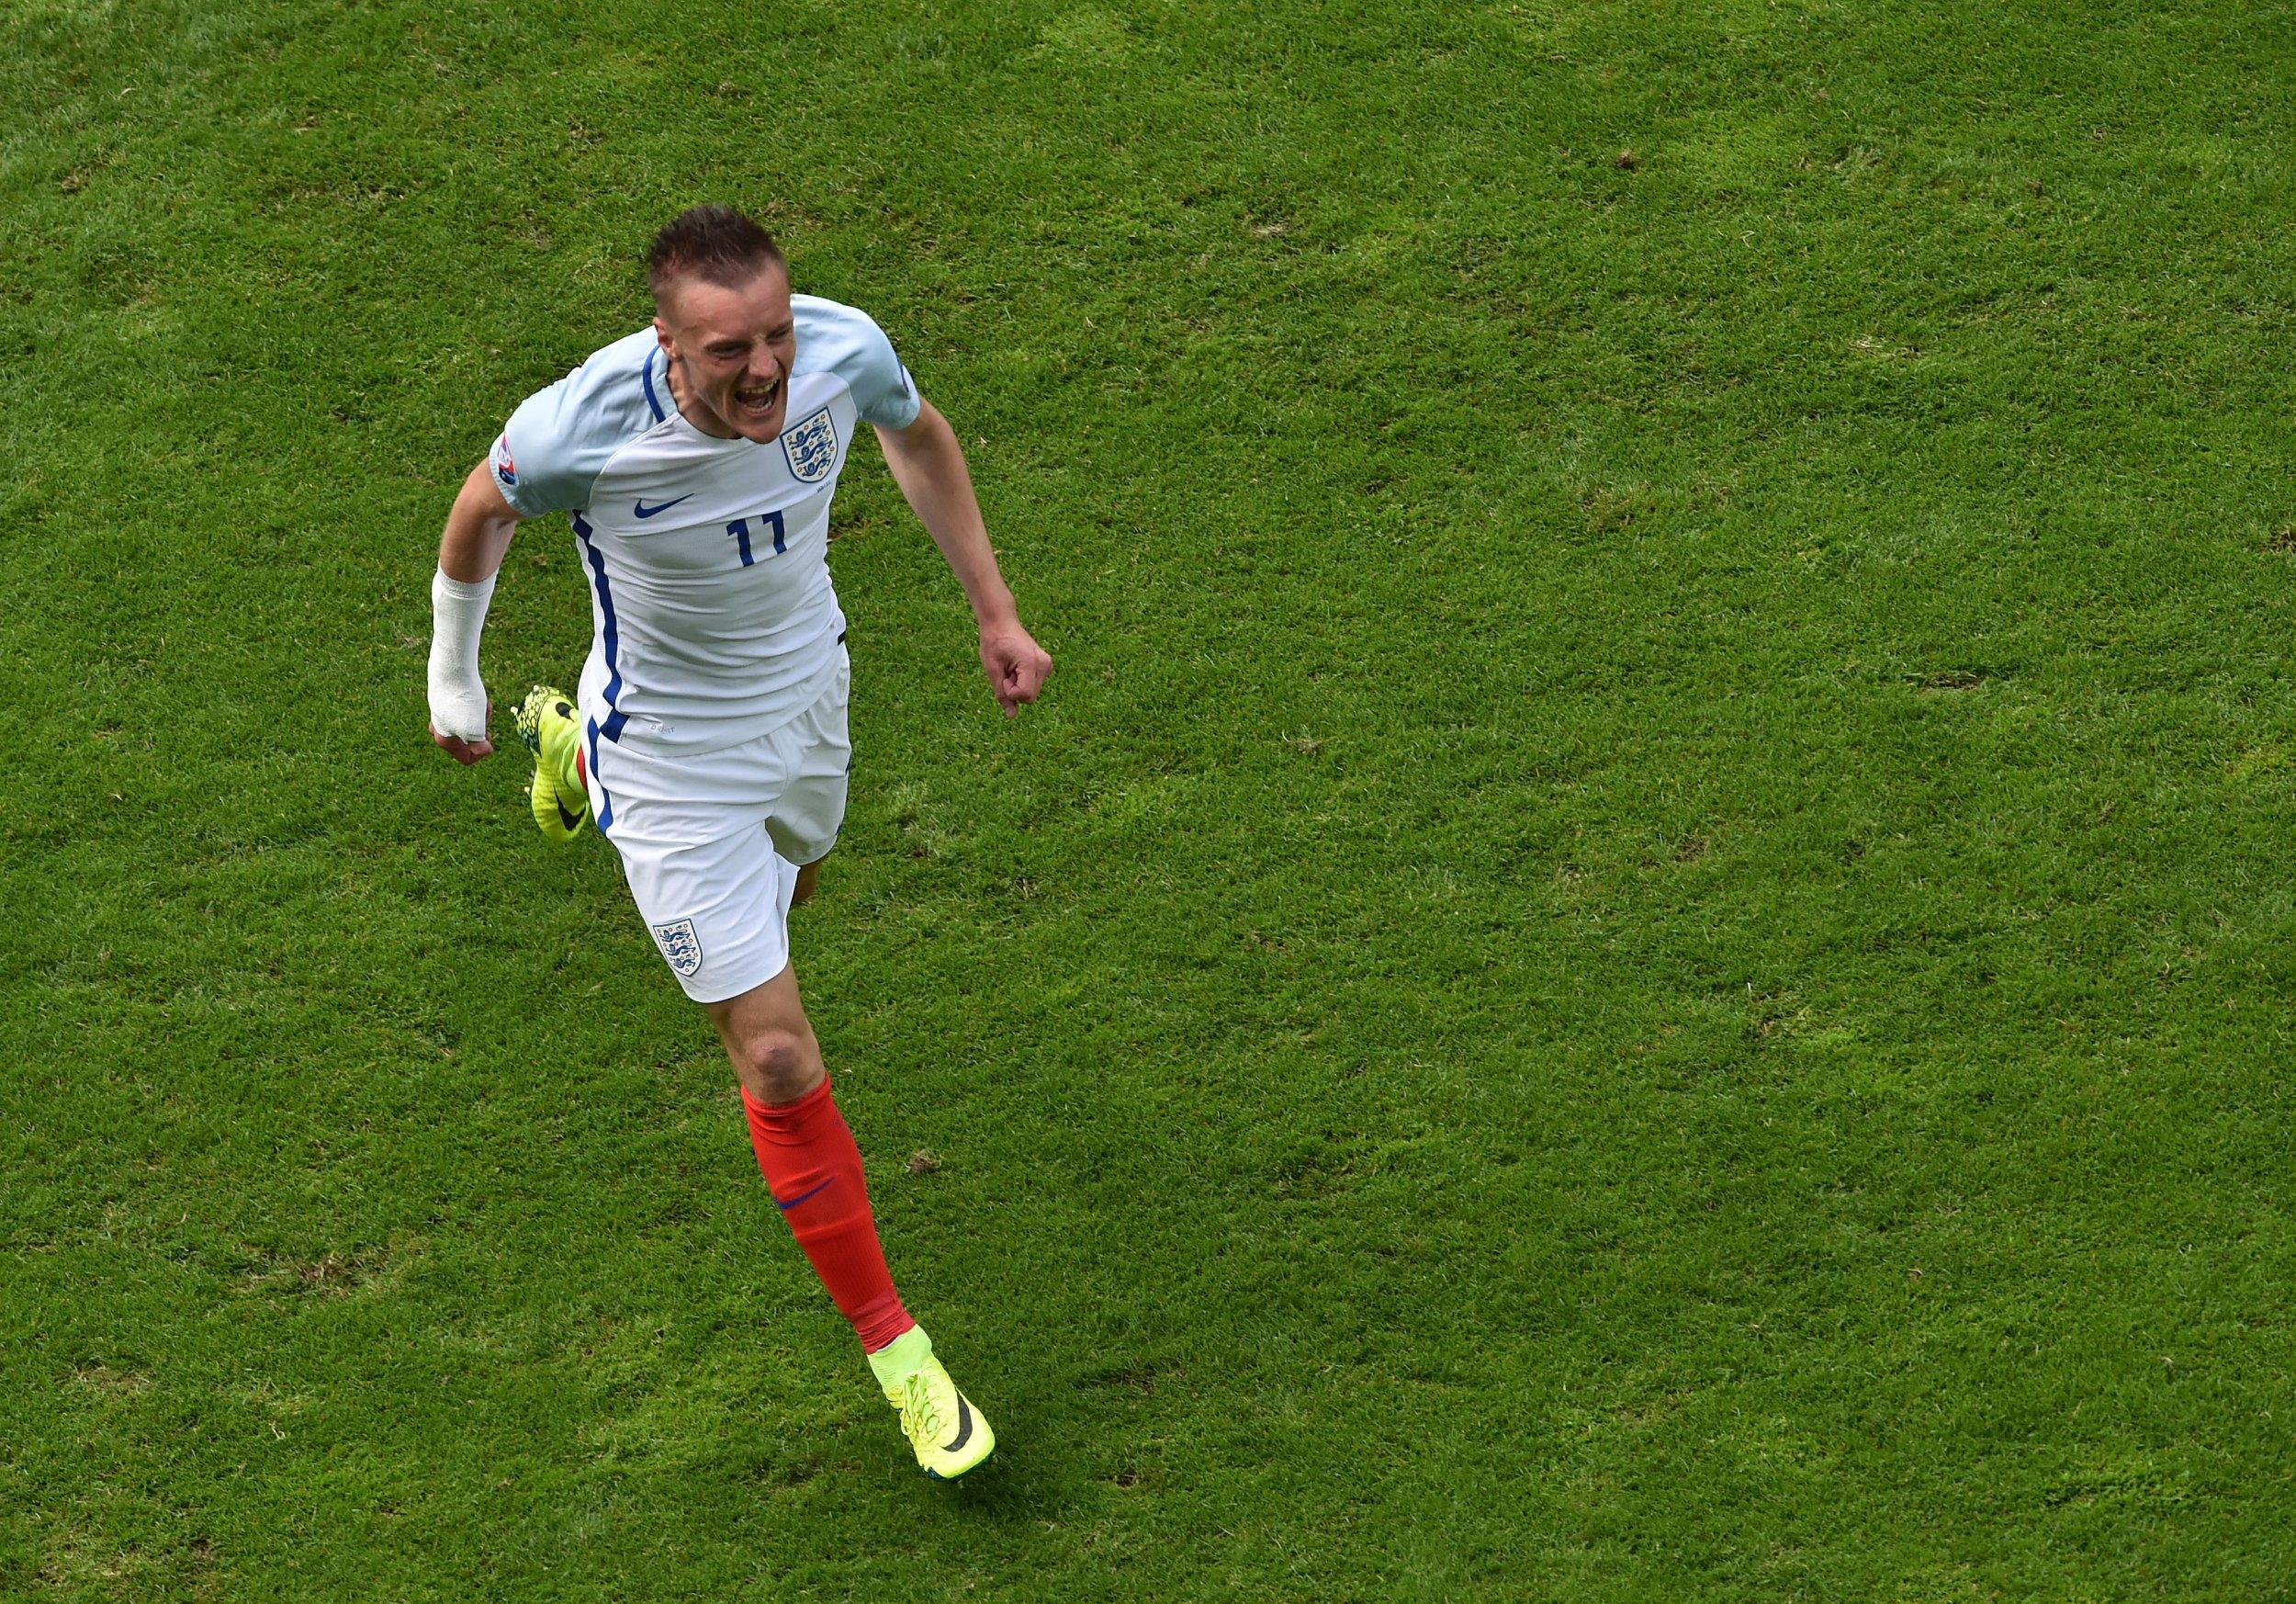 Leicester and England striker Jamie Vardy